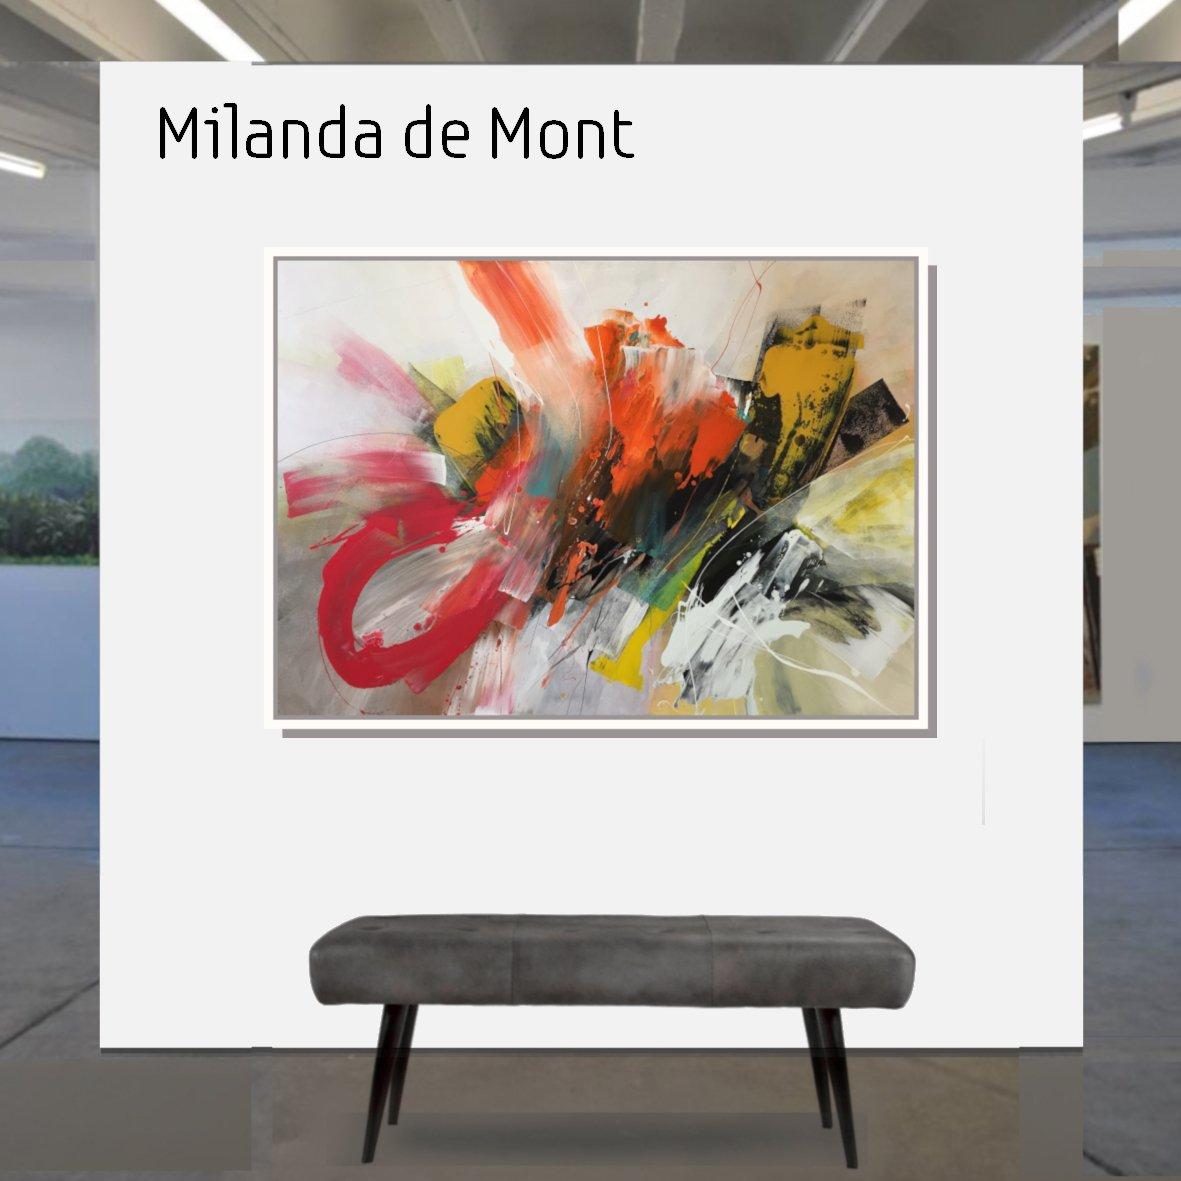 Milanda de Mont